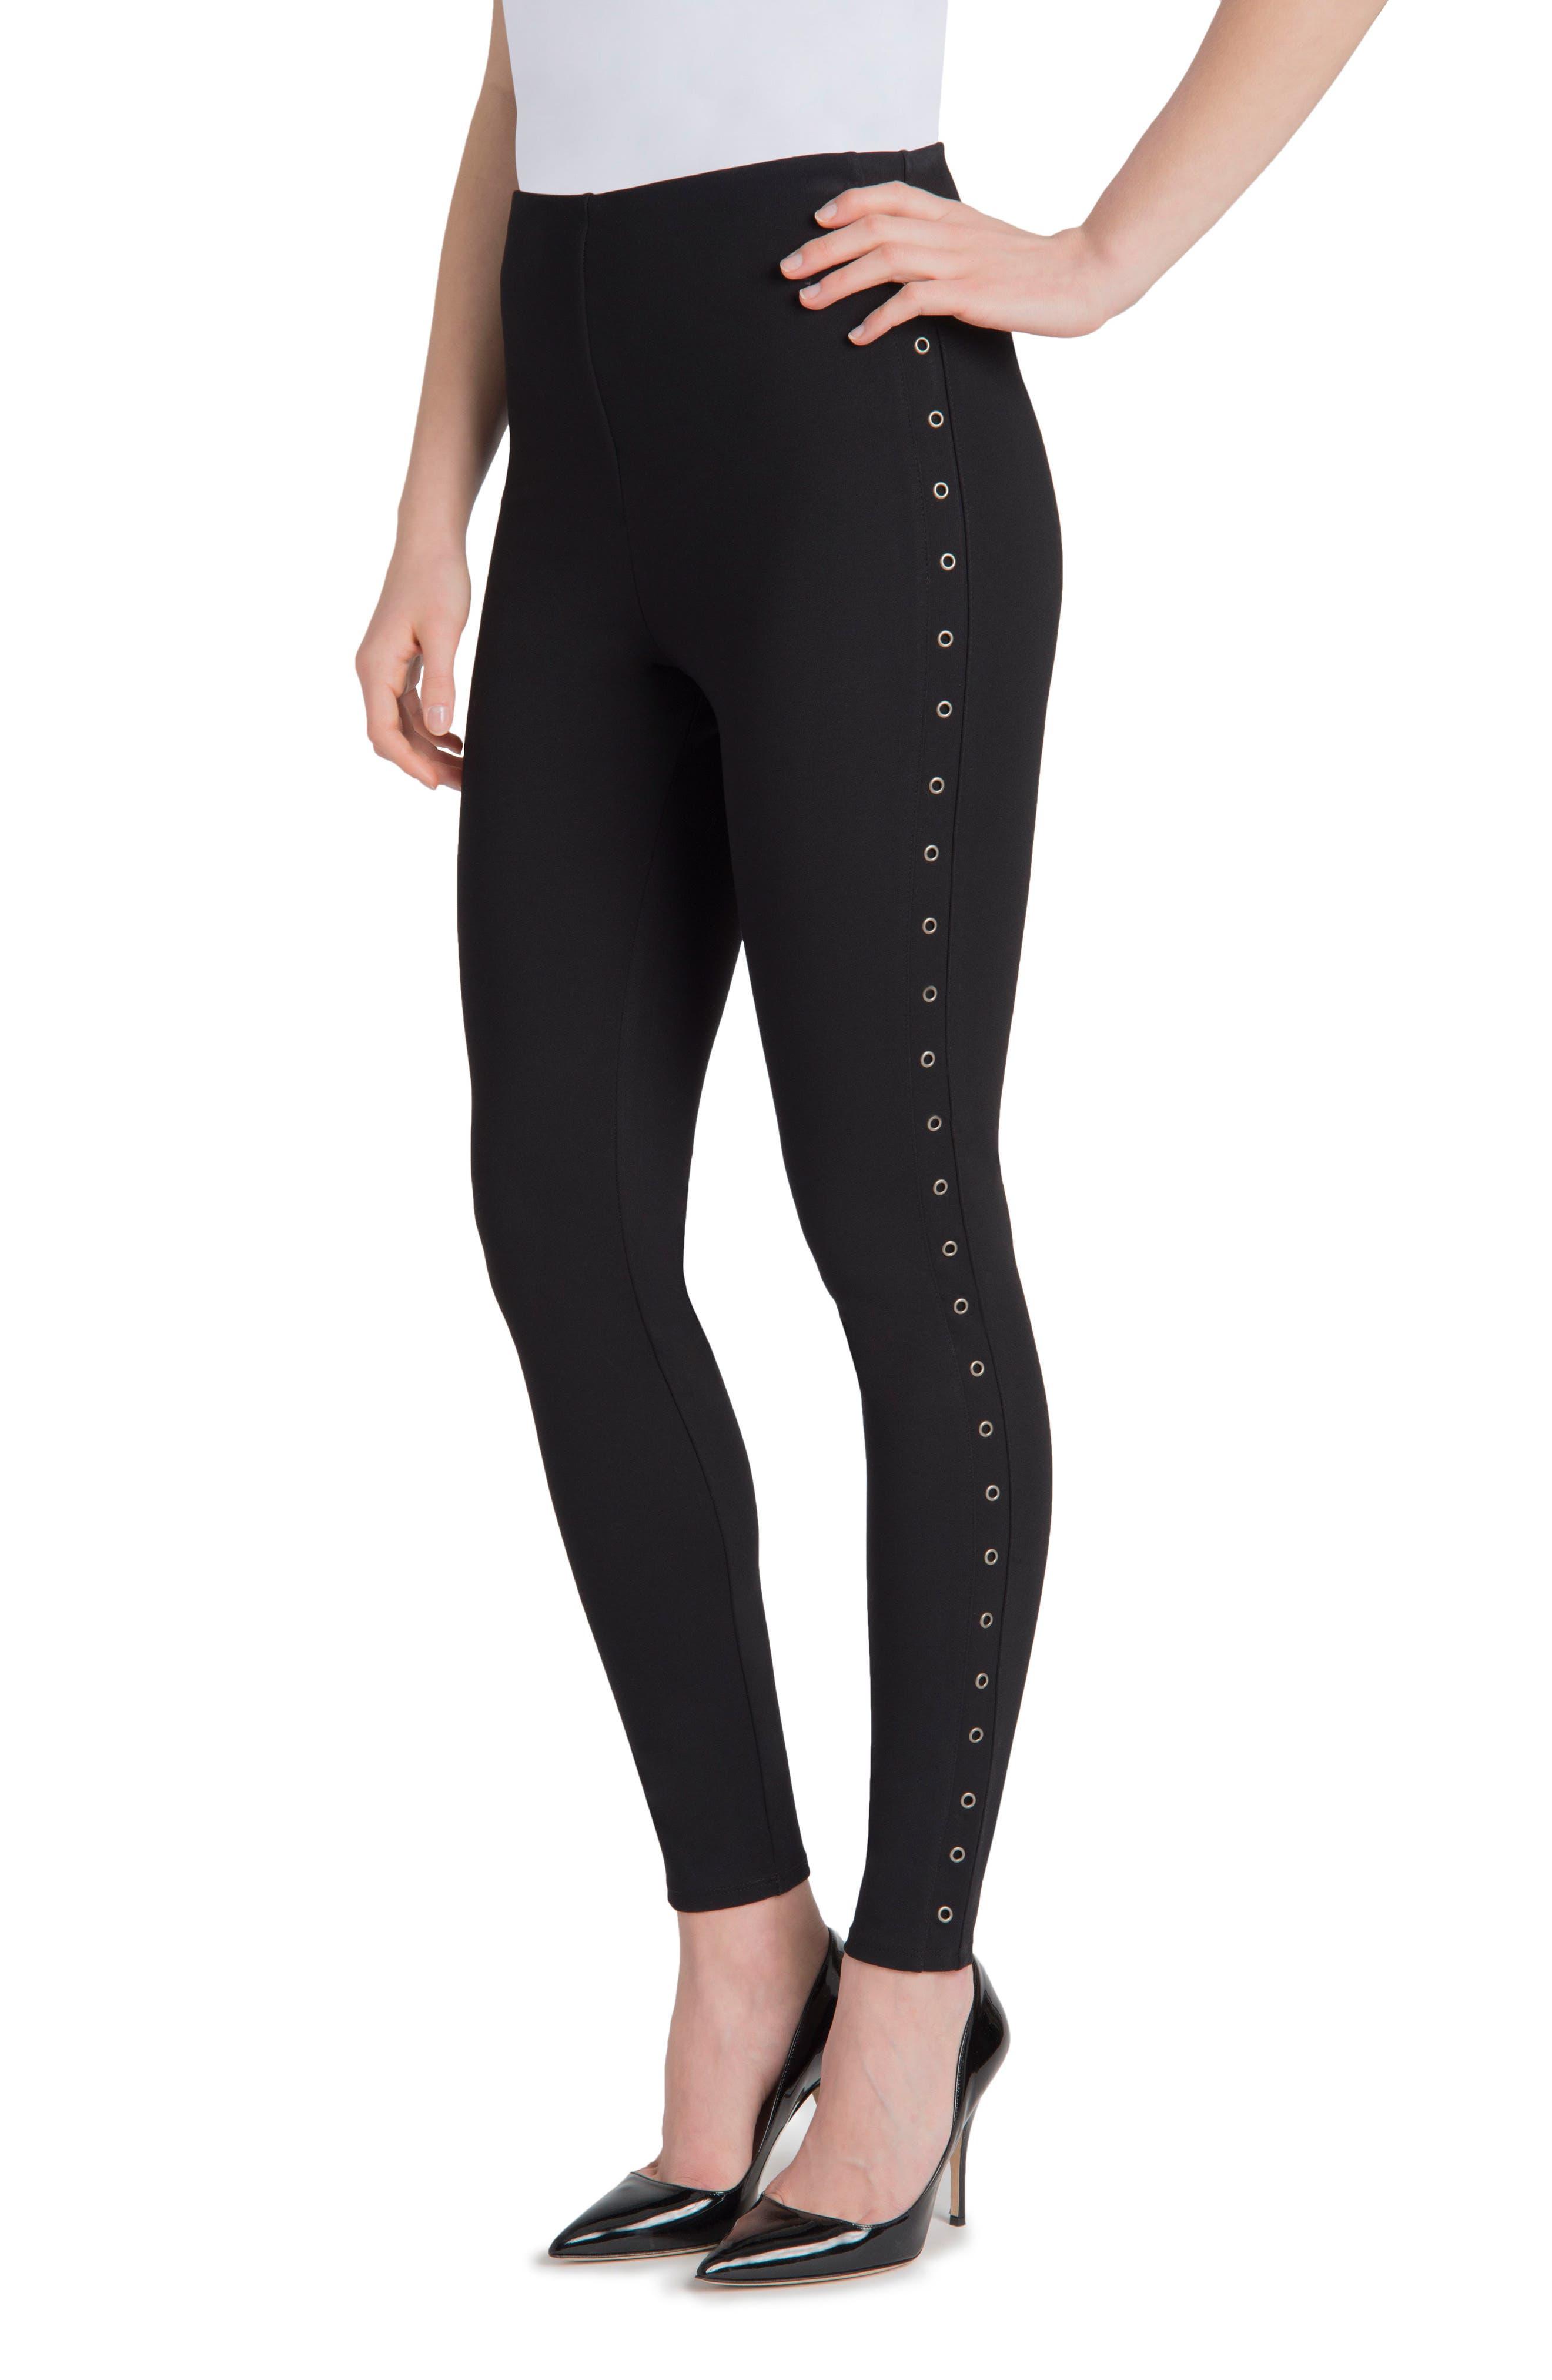 Grommet High Waist Leggings,                         Main,                         color, Black